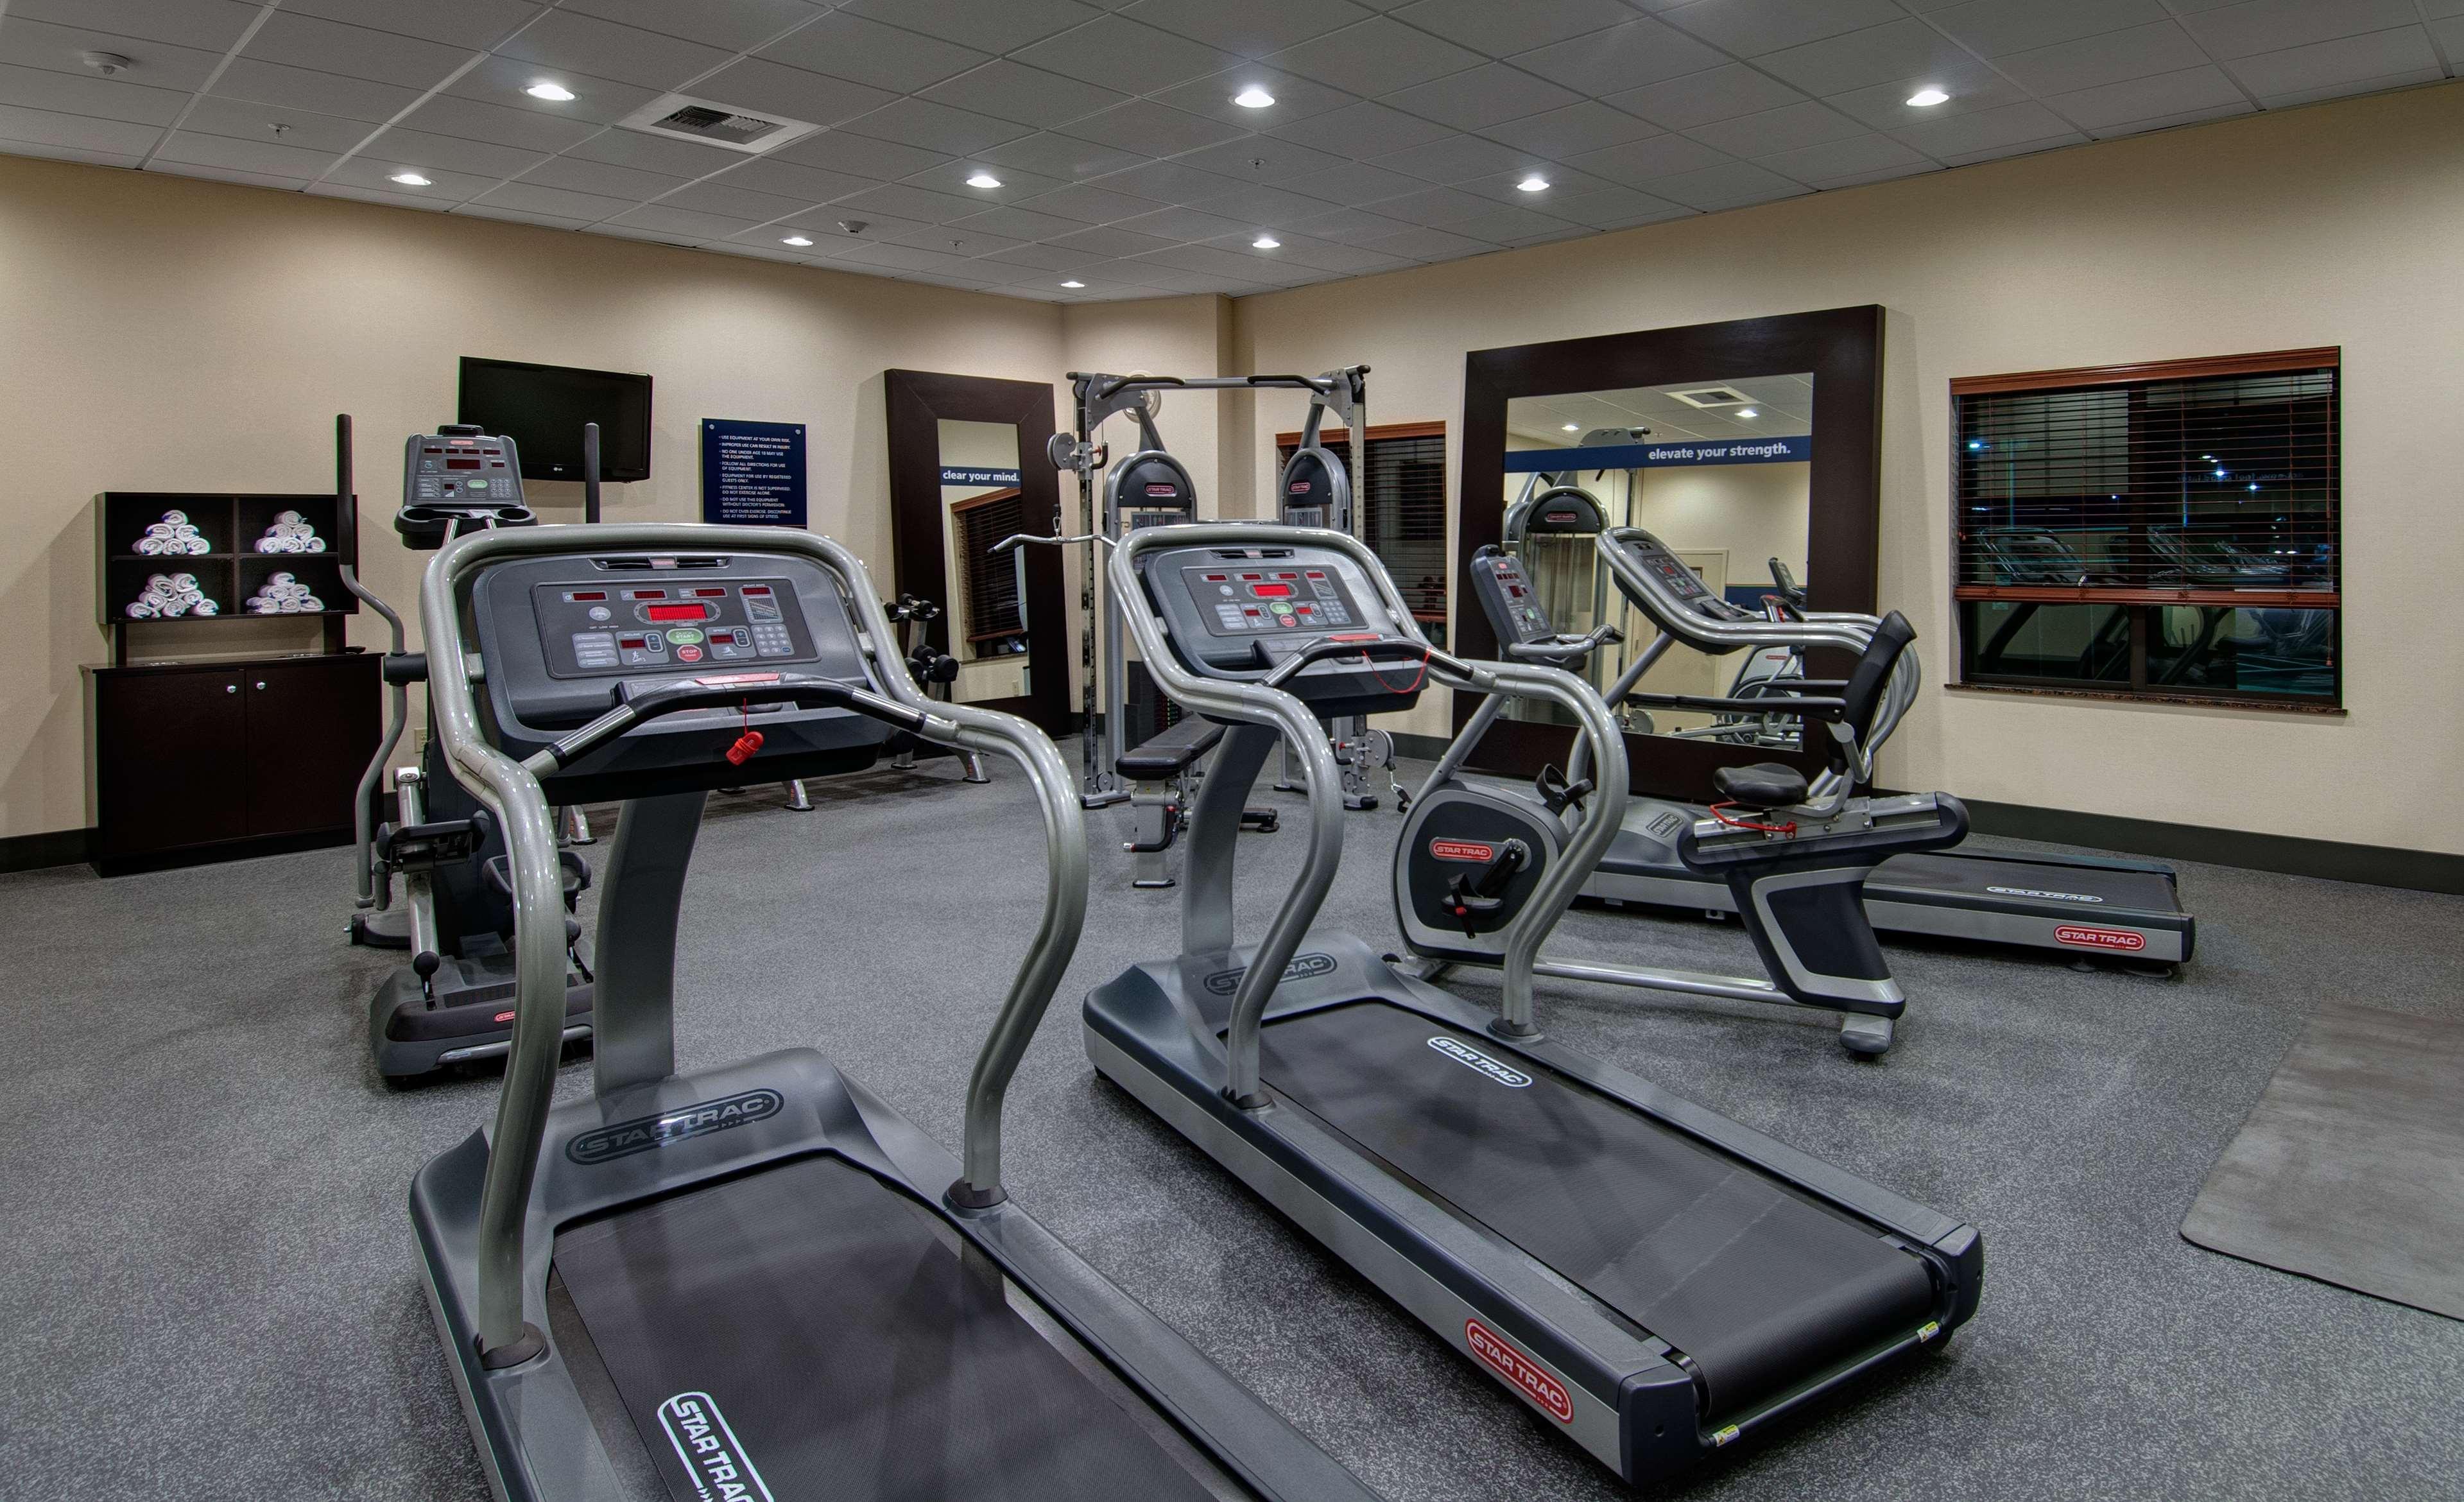 Hampton Inn & Suites Astoria image 10